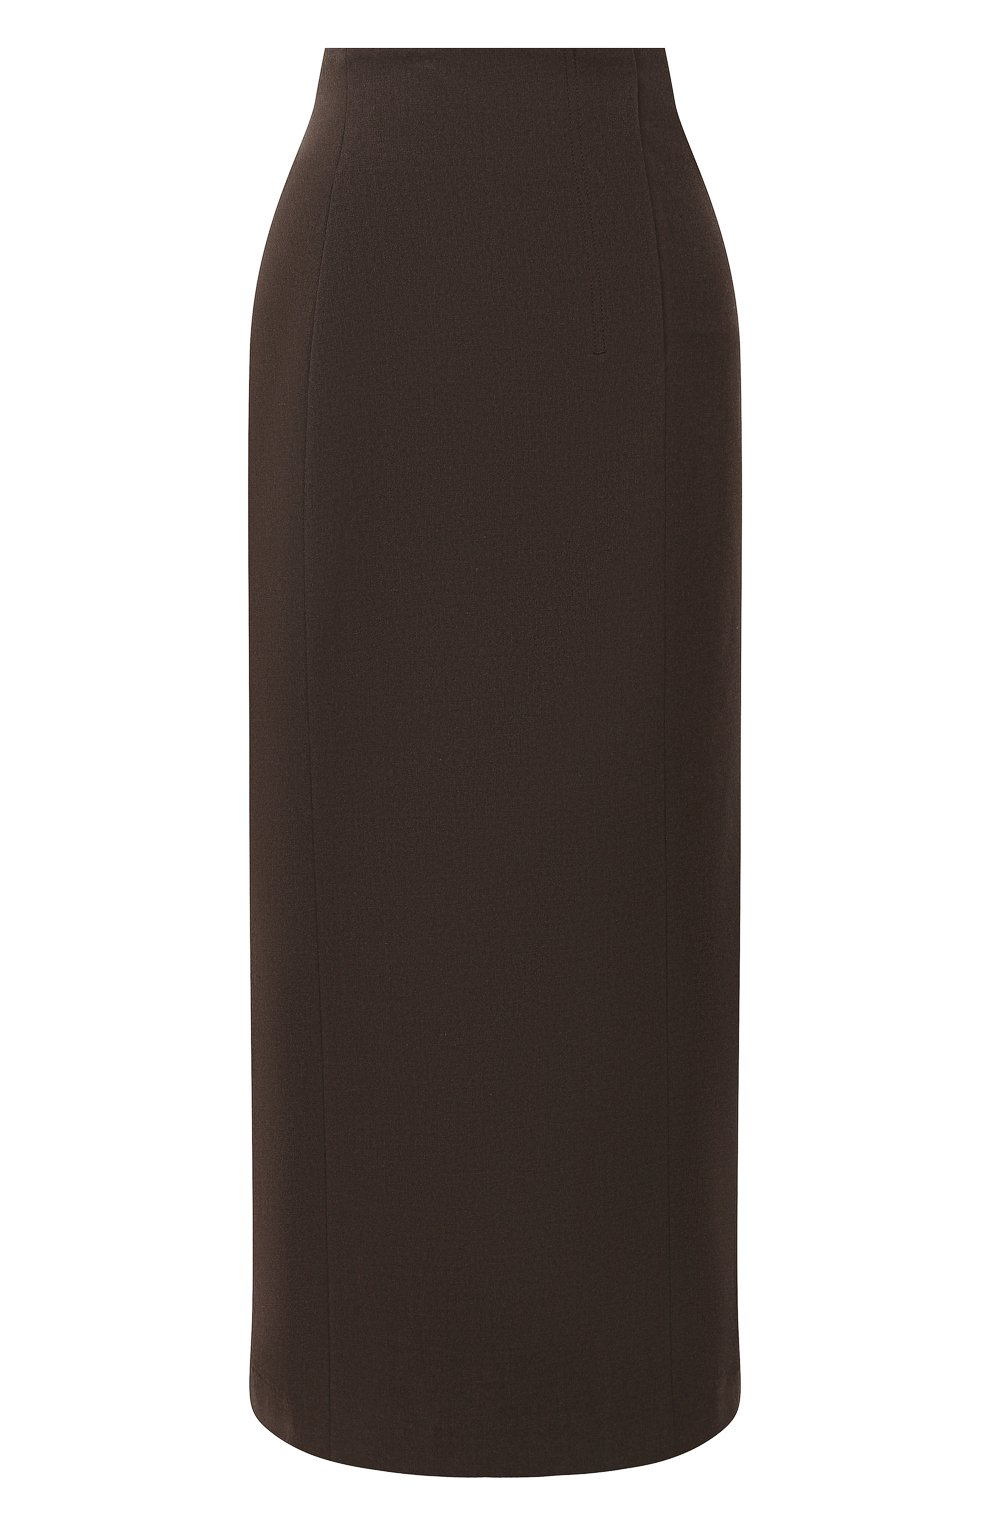 Женская юбка LOW CLASSIC коричневого цвета, арт. L0W20FW_SK04BR | Фото 1 (Материал внешний: Синтетический материал, Вискоза; Женское Кросс-КТ: Юбка-одежда; Стили: Классический; Длина Ж (юбки, платья, шорты): Миди; Материал подклада: Синтетический материал)